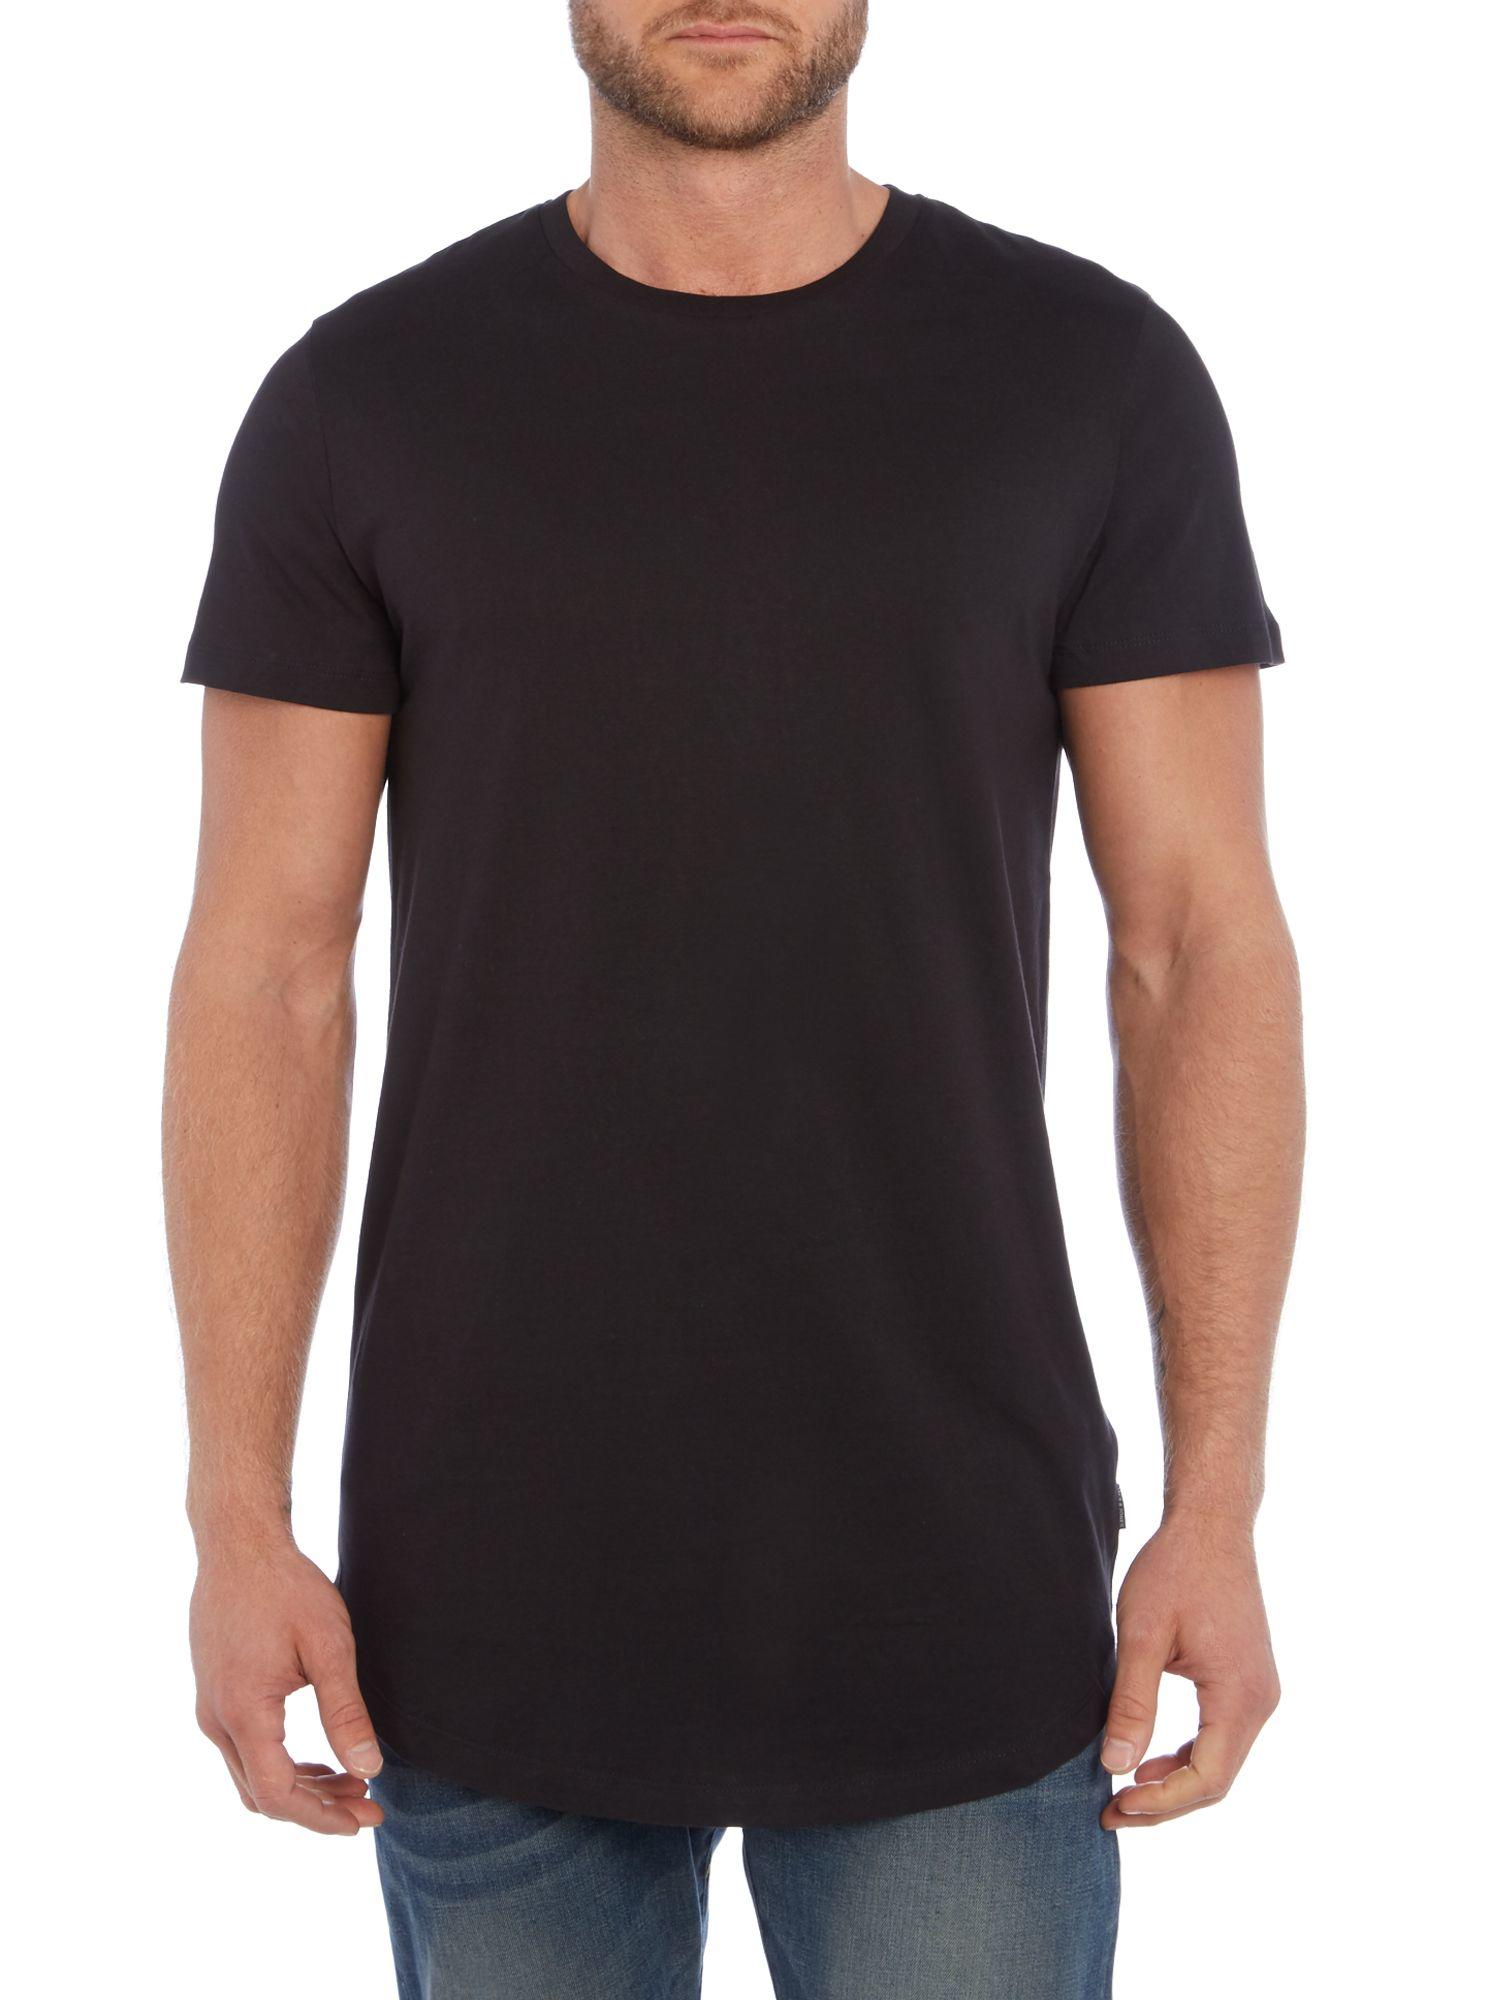 jack jones long line plain short sleeve t shirt in black. Black Bedroom Furniture Sets. Home Design Ideas